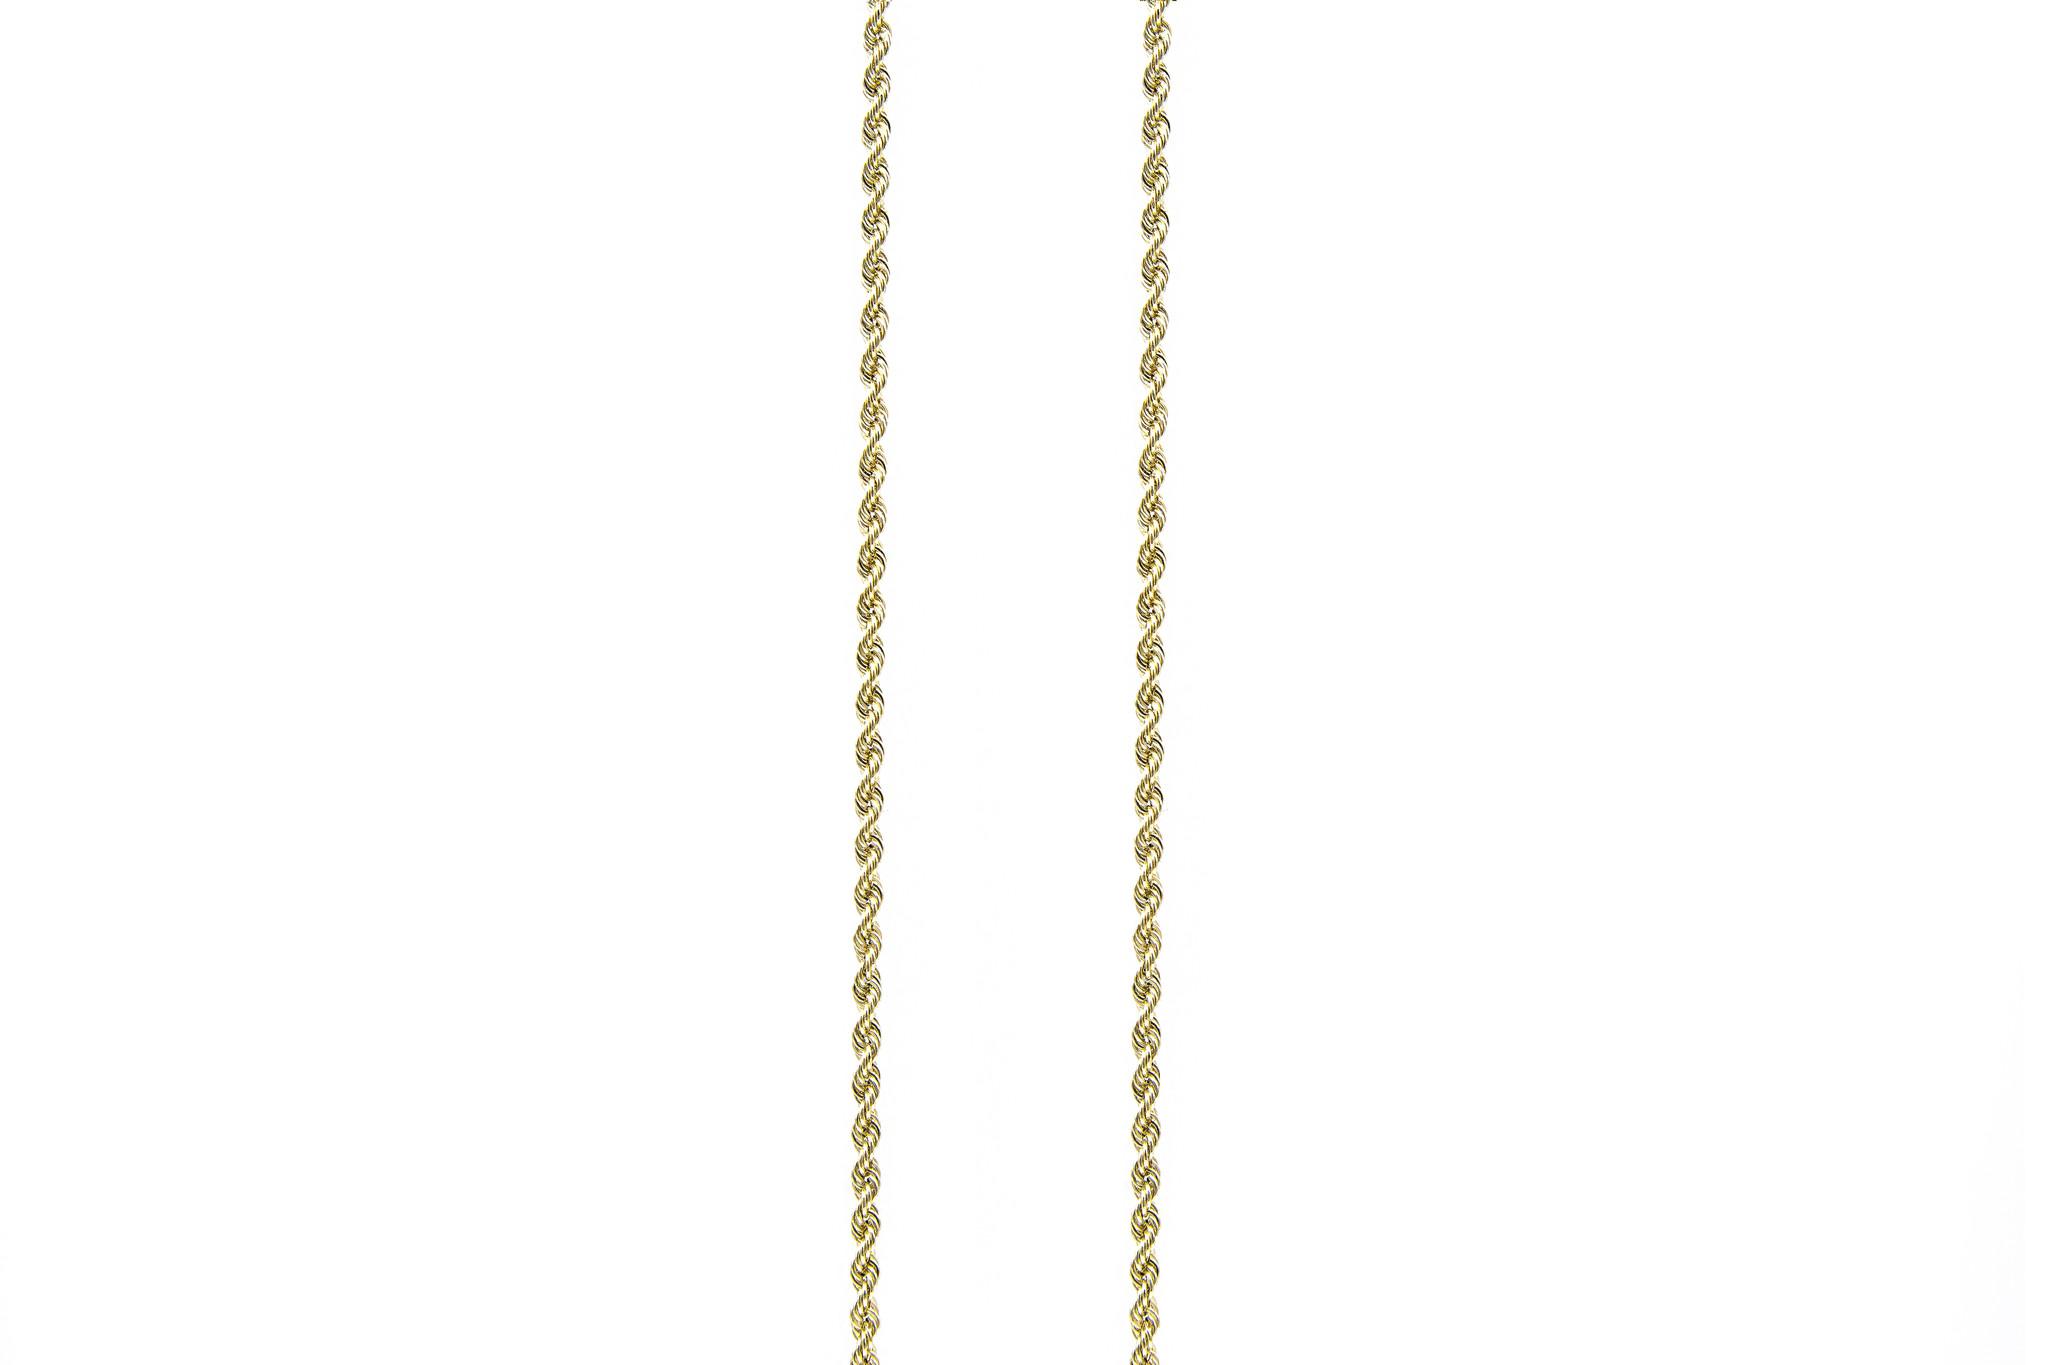 Rope chain Nederlands goud 18kt 4mm-1